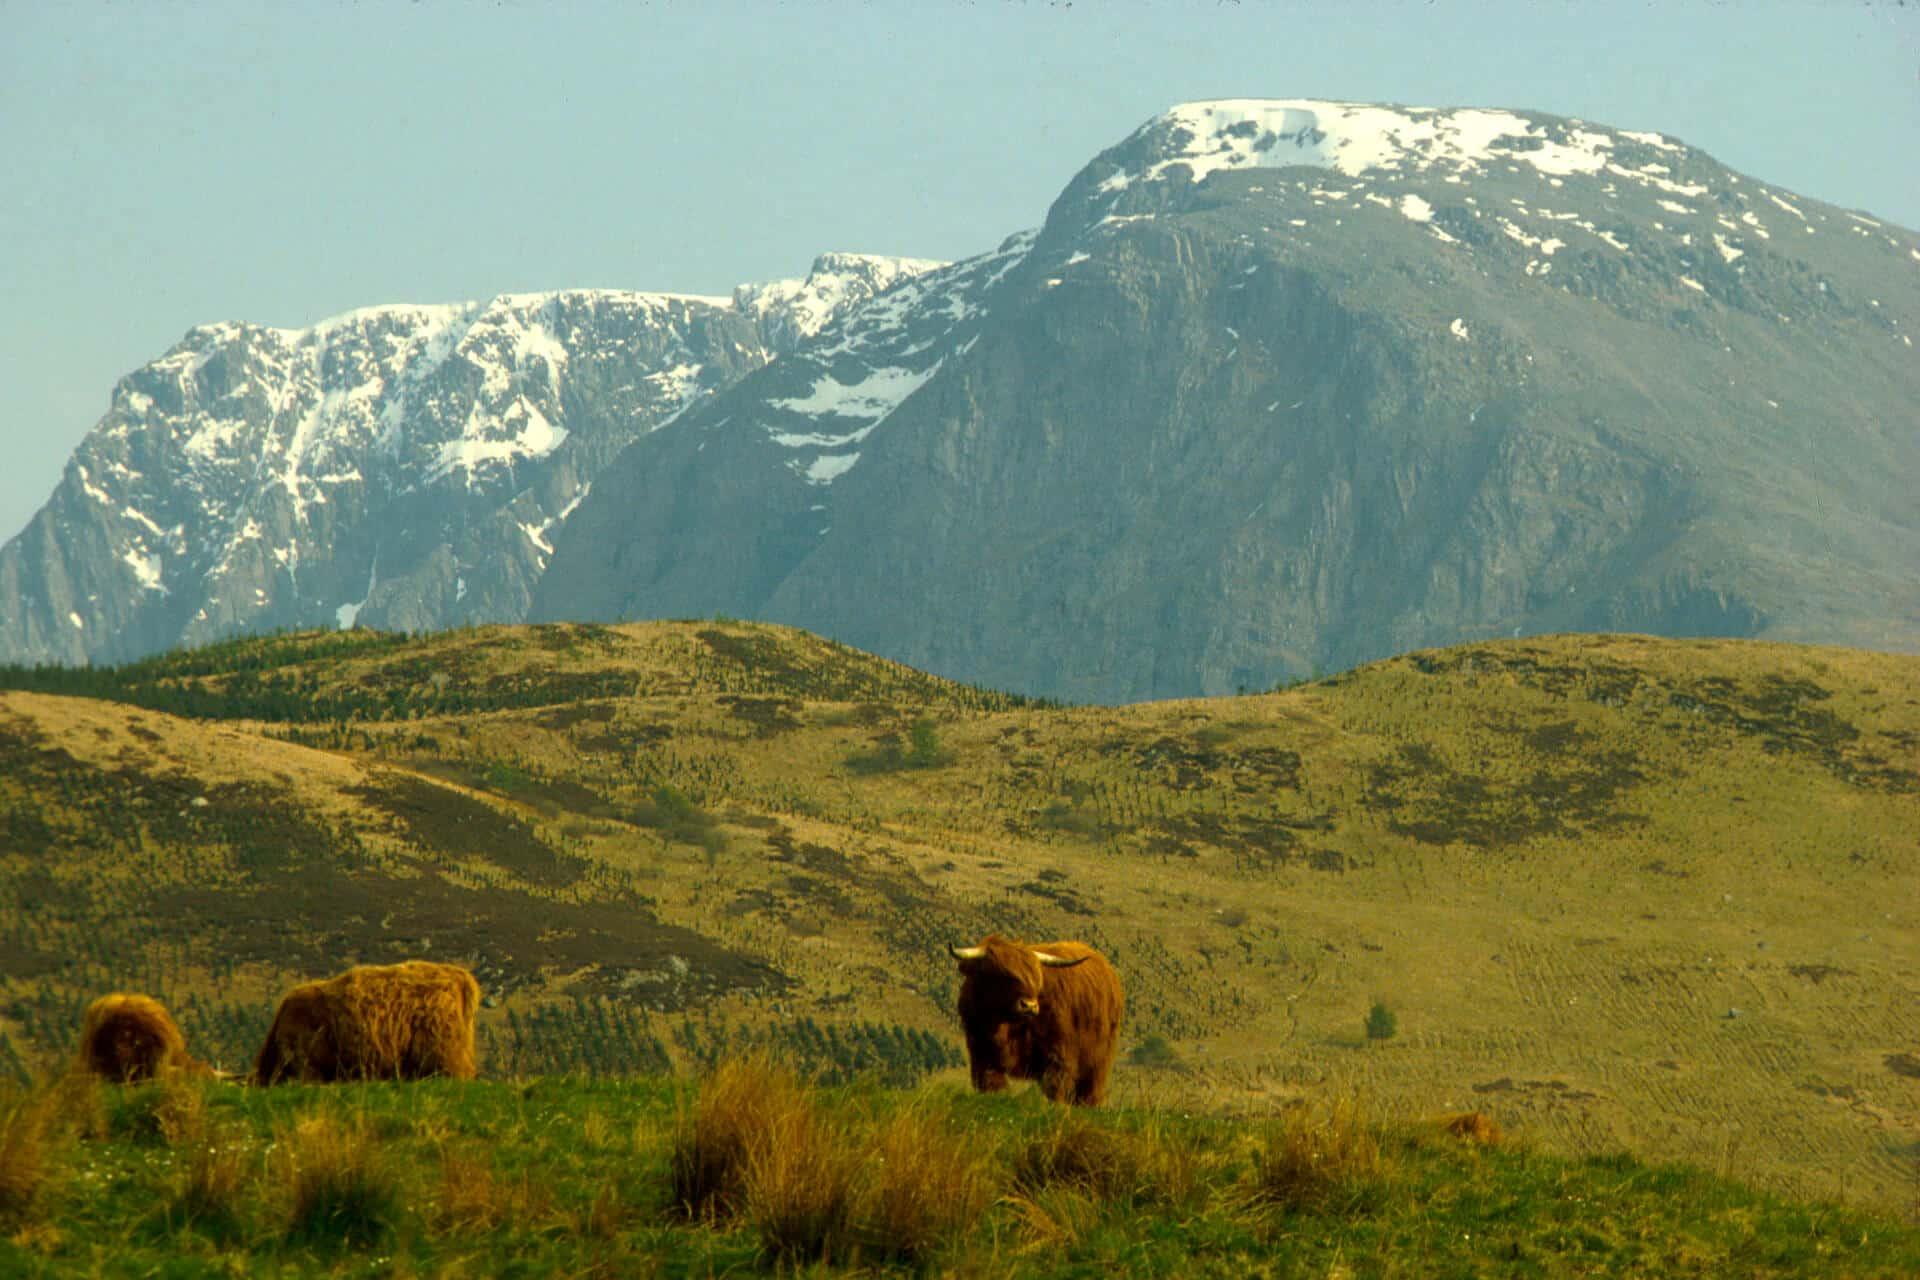 Ben Nevis & Highland Cattle